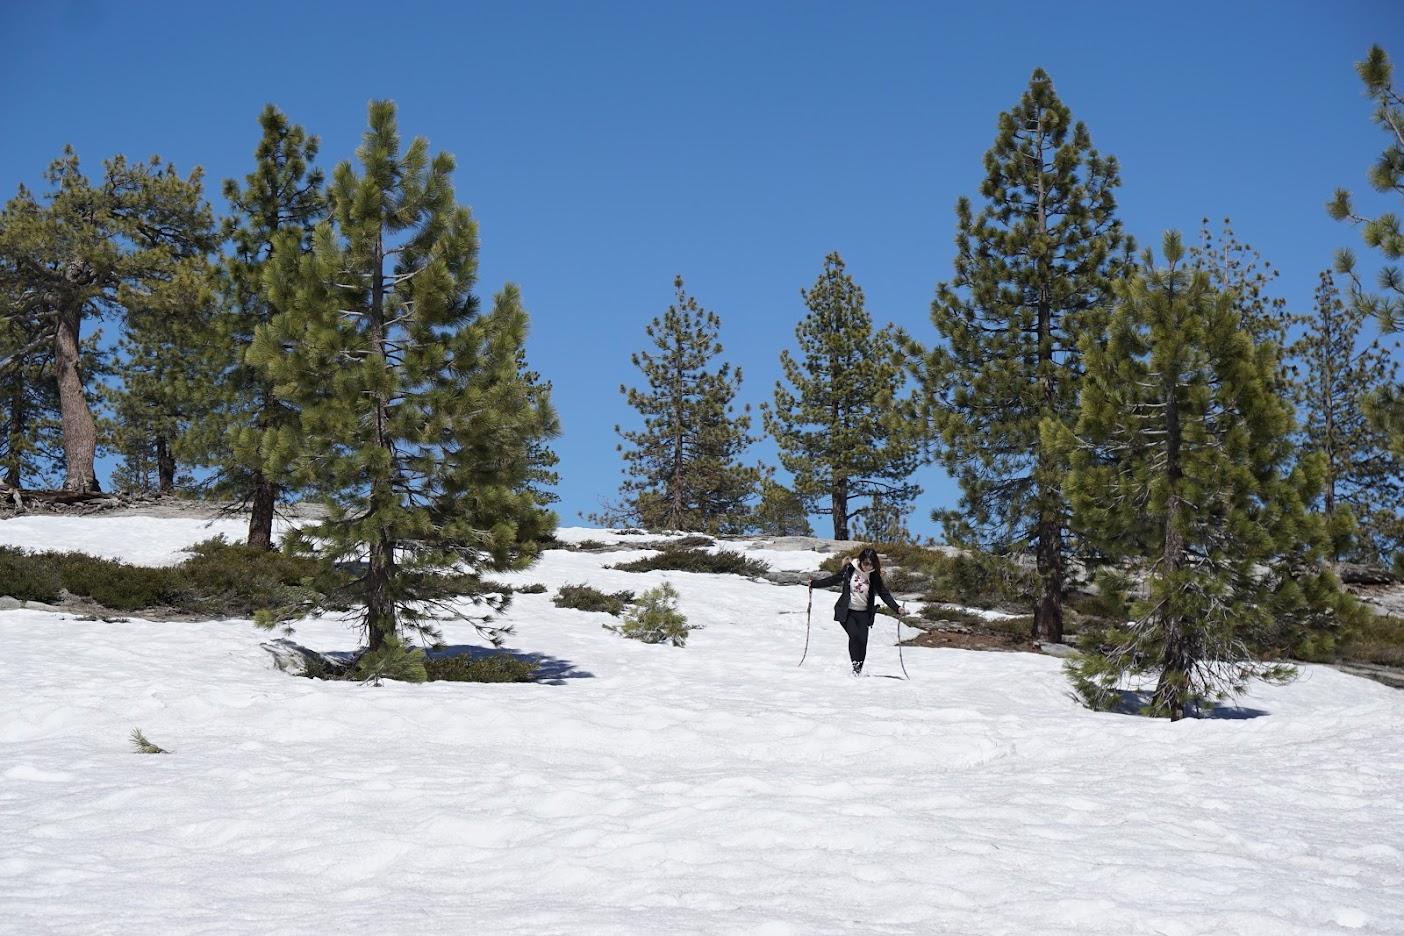 Yosemite Snow play